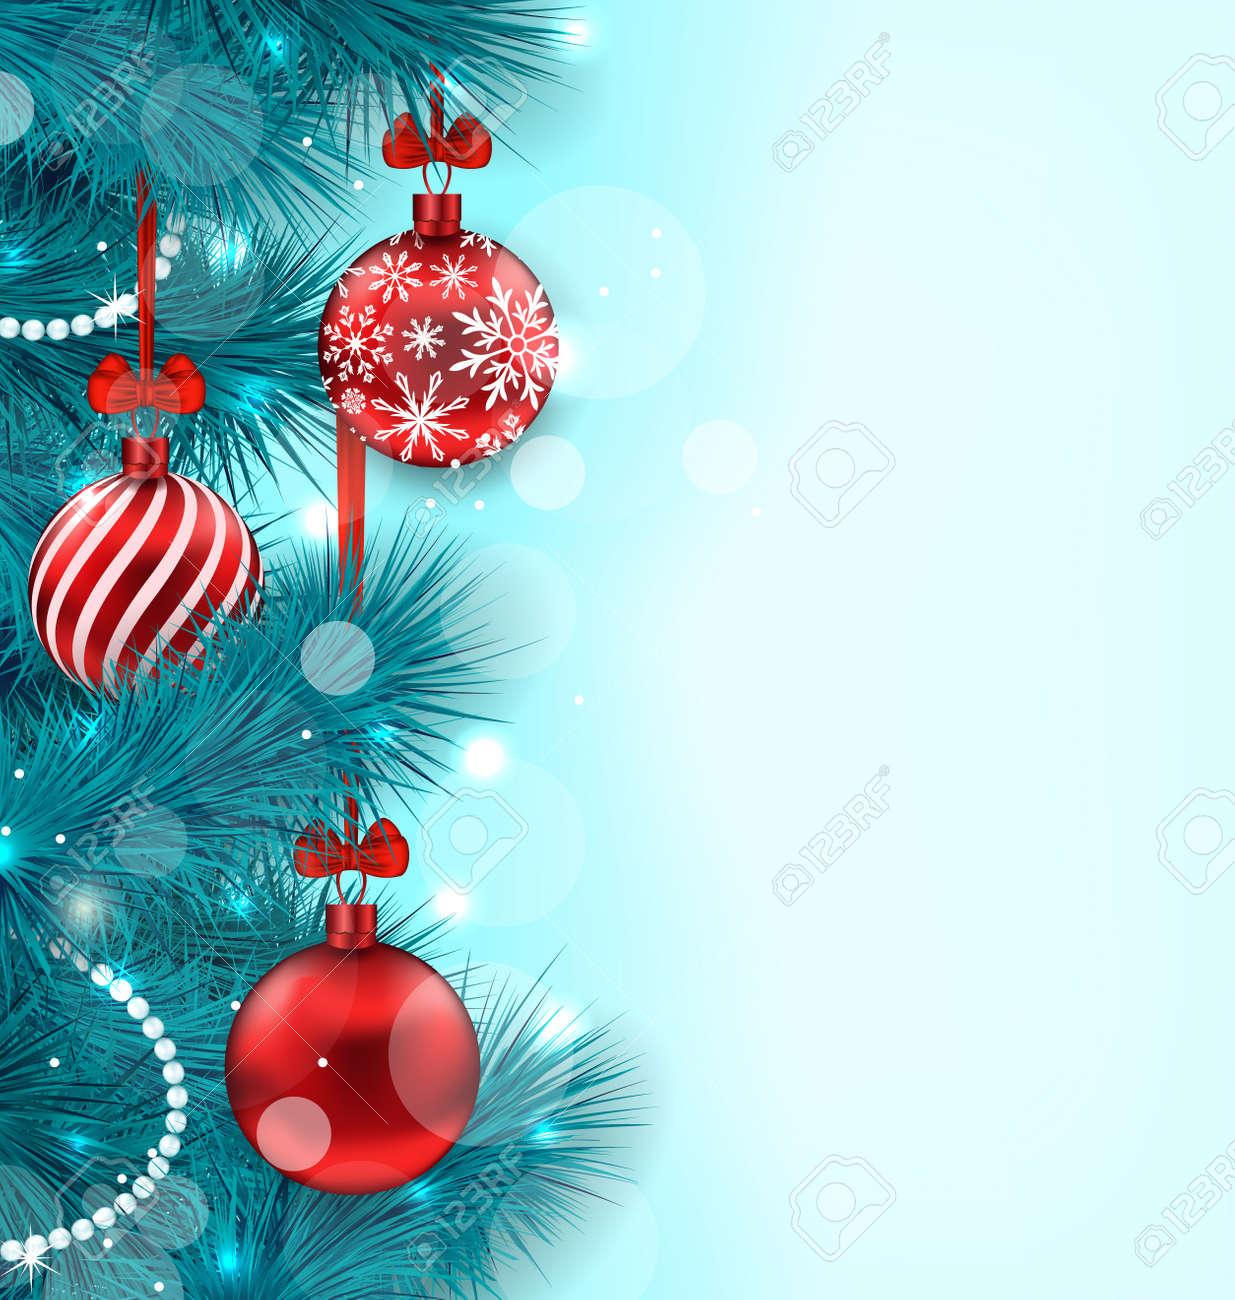 Immagini Di Natale Per Sfondo.Illustrazione Di Natale Piu Chiaro Sfondo Con Blue Abete Ramoscelli E Rossi Palle Di Vetro Spazio Per Copiare Il Testo Raster